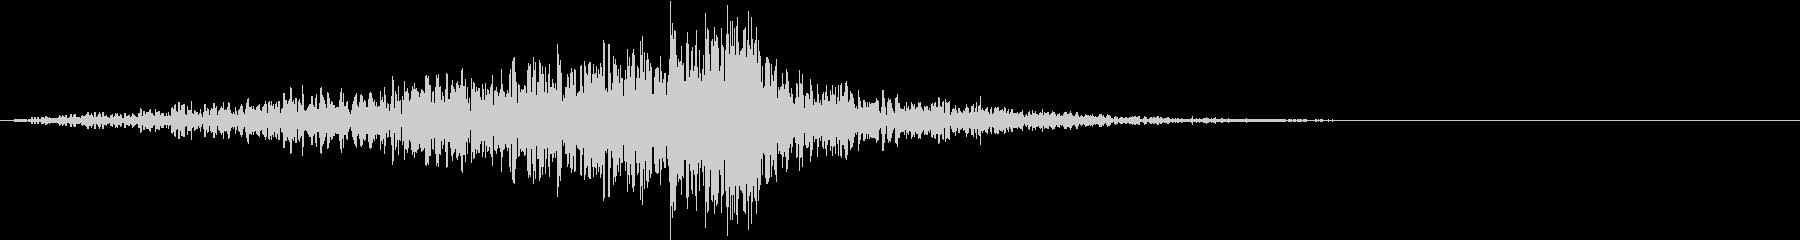 築き上がる音の未再生の波形